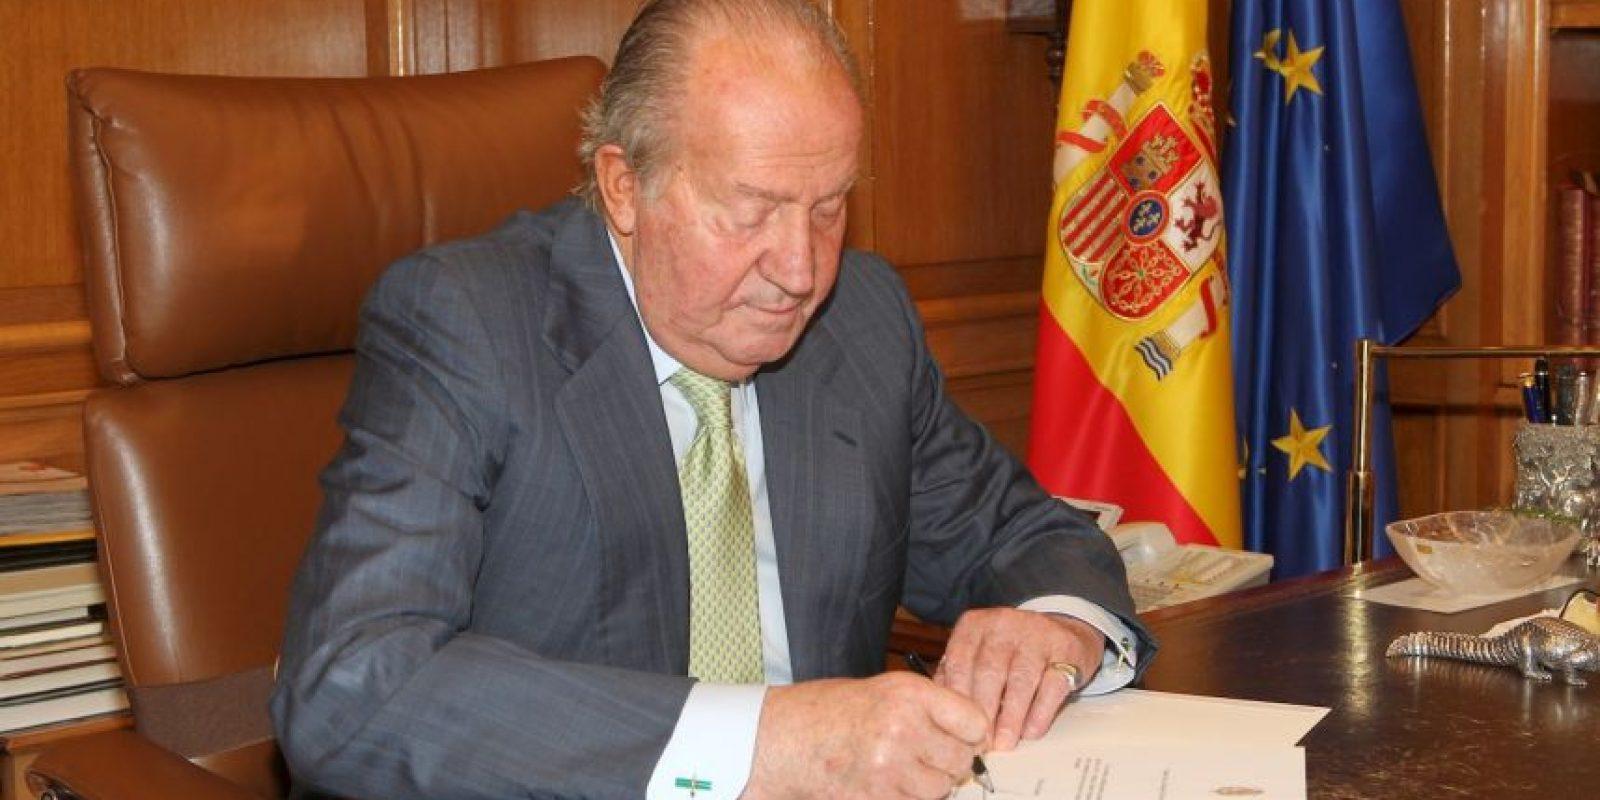 Rey Juan Carlos I de España, quien estuvo en el poder desde 1975 hasta su abdicación en 2014 Foto:Getty Images